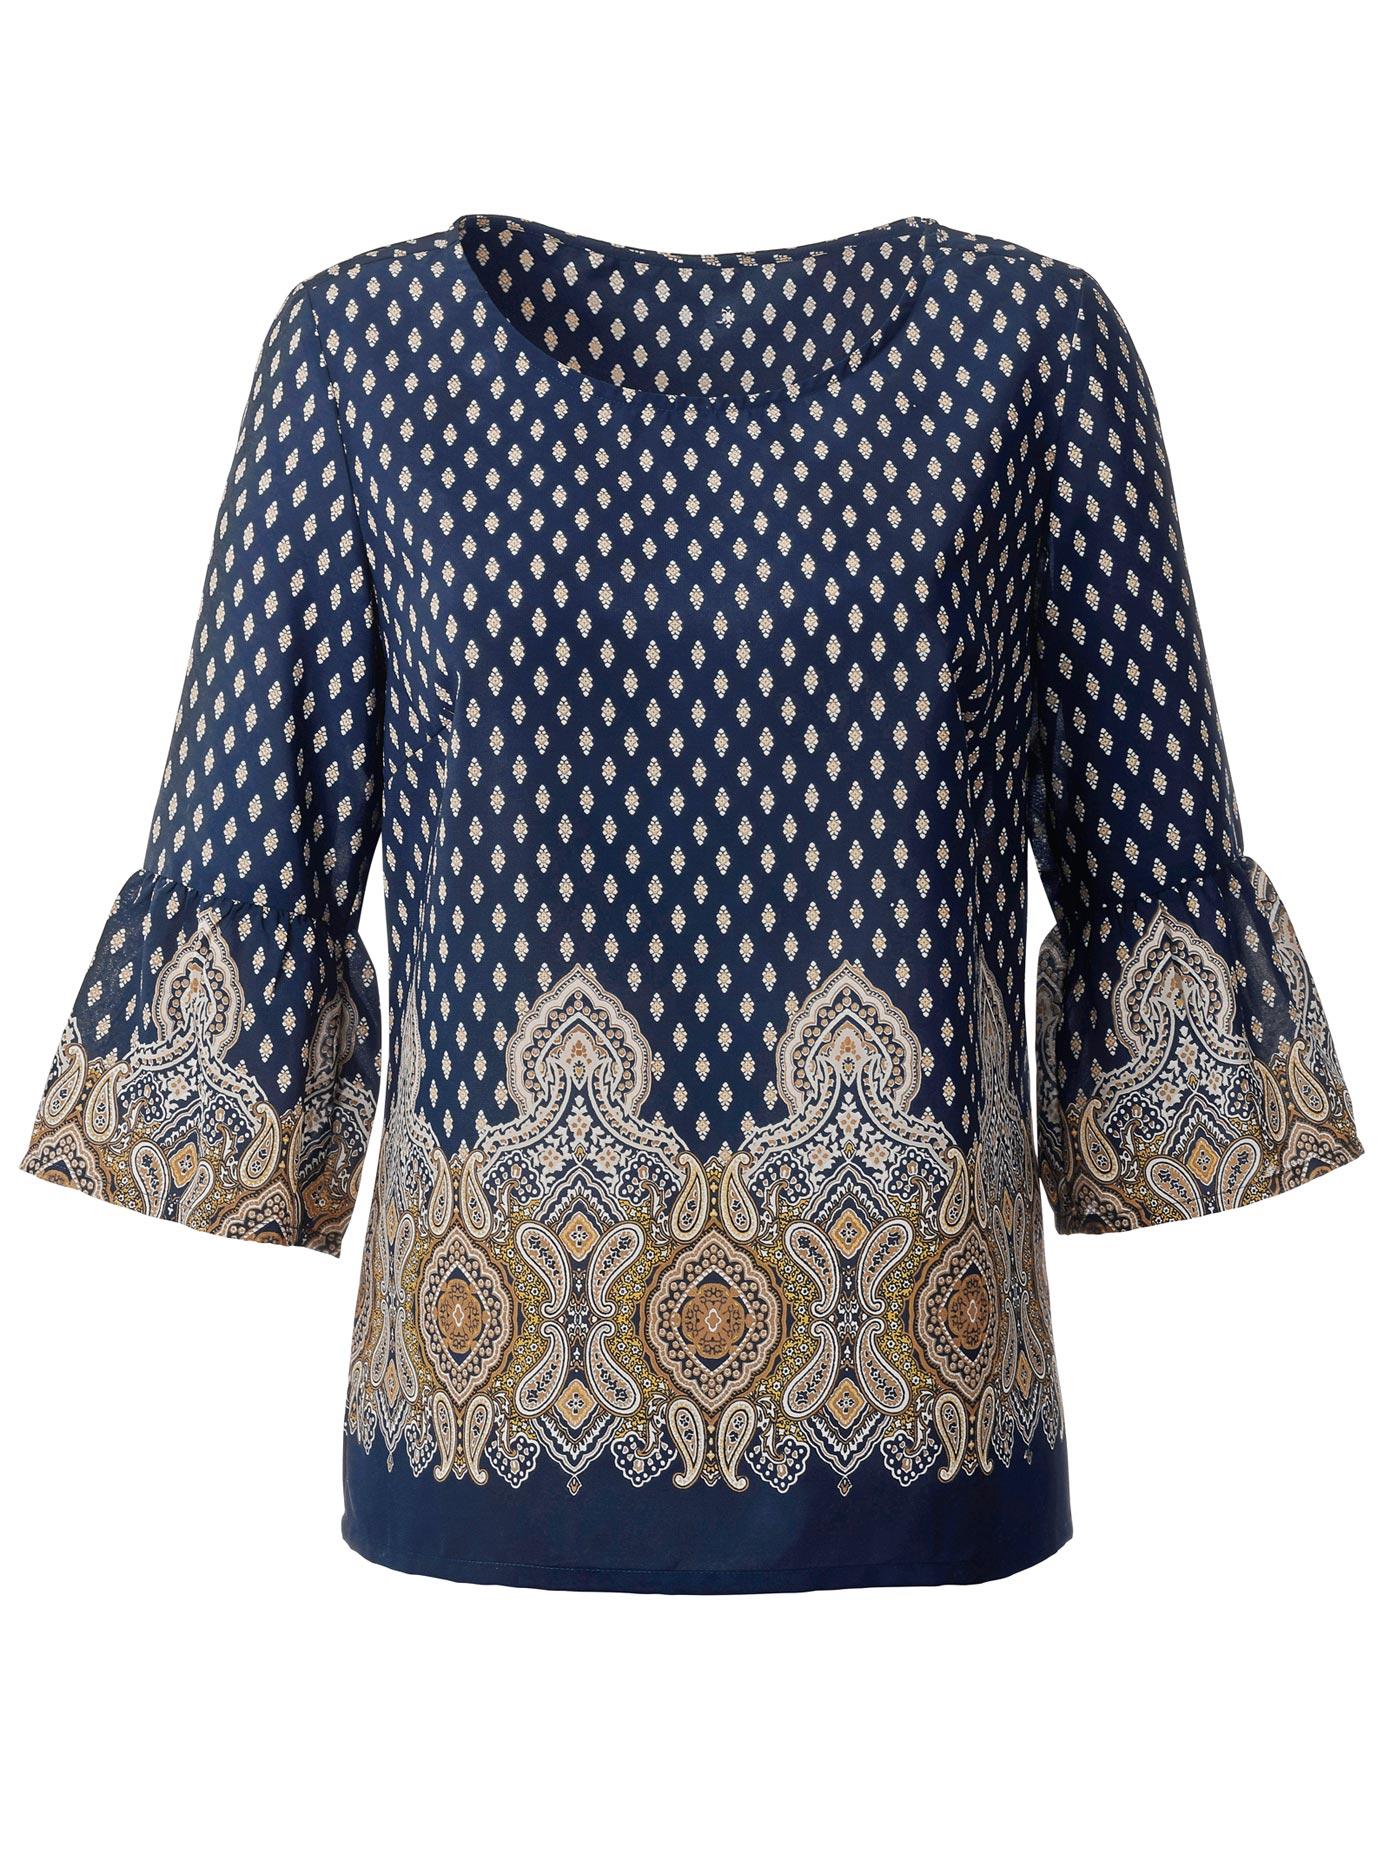 Classic Inspirationen Bluse im hübschen Paisleymuster